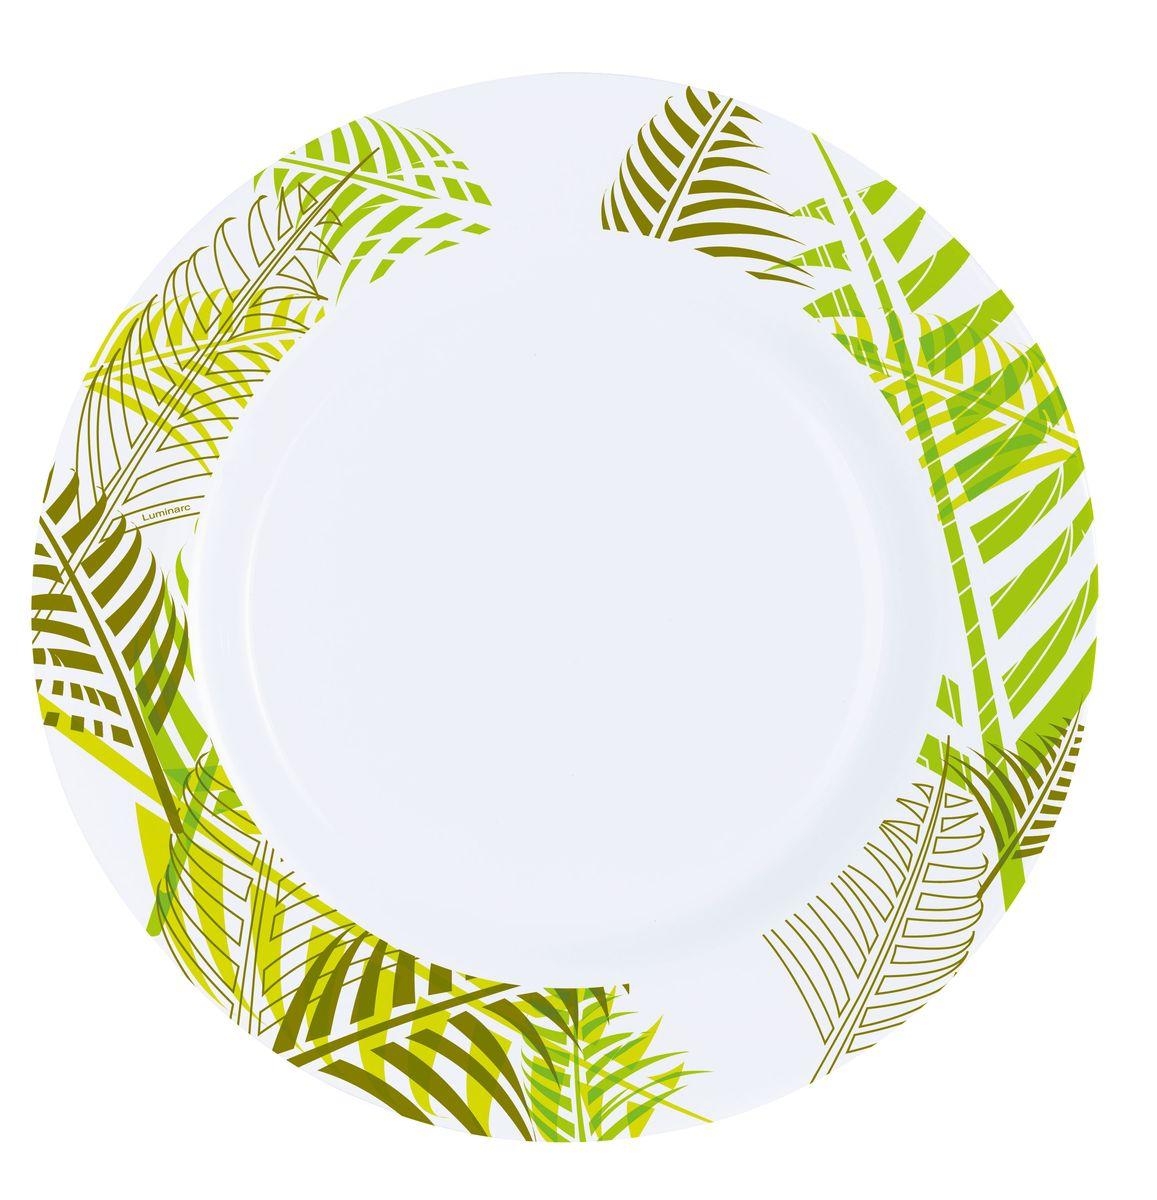 Тарелка обеденная Luminarc Green Forest, диаметр 26,5 см115510Обеденная тарелка Luminarc Green Forest, изготовленная из ударопрочного стекла, декорирована оригинальным орнаментом в виде листьев. Такая тарелка прекрасно подходит как для торжественных случаев, так и для повседневного использования. Идеальна для подачи вторых блюд. Она прекрасно оформит стол и станет отличным дополнением к вашей коллекции кухонной посуды. Можно использовать в СВЧ и мыть в посудомоечной машине.